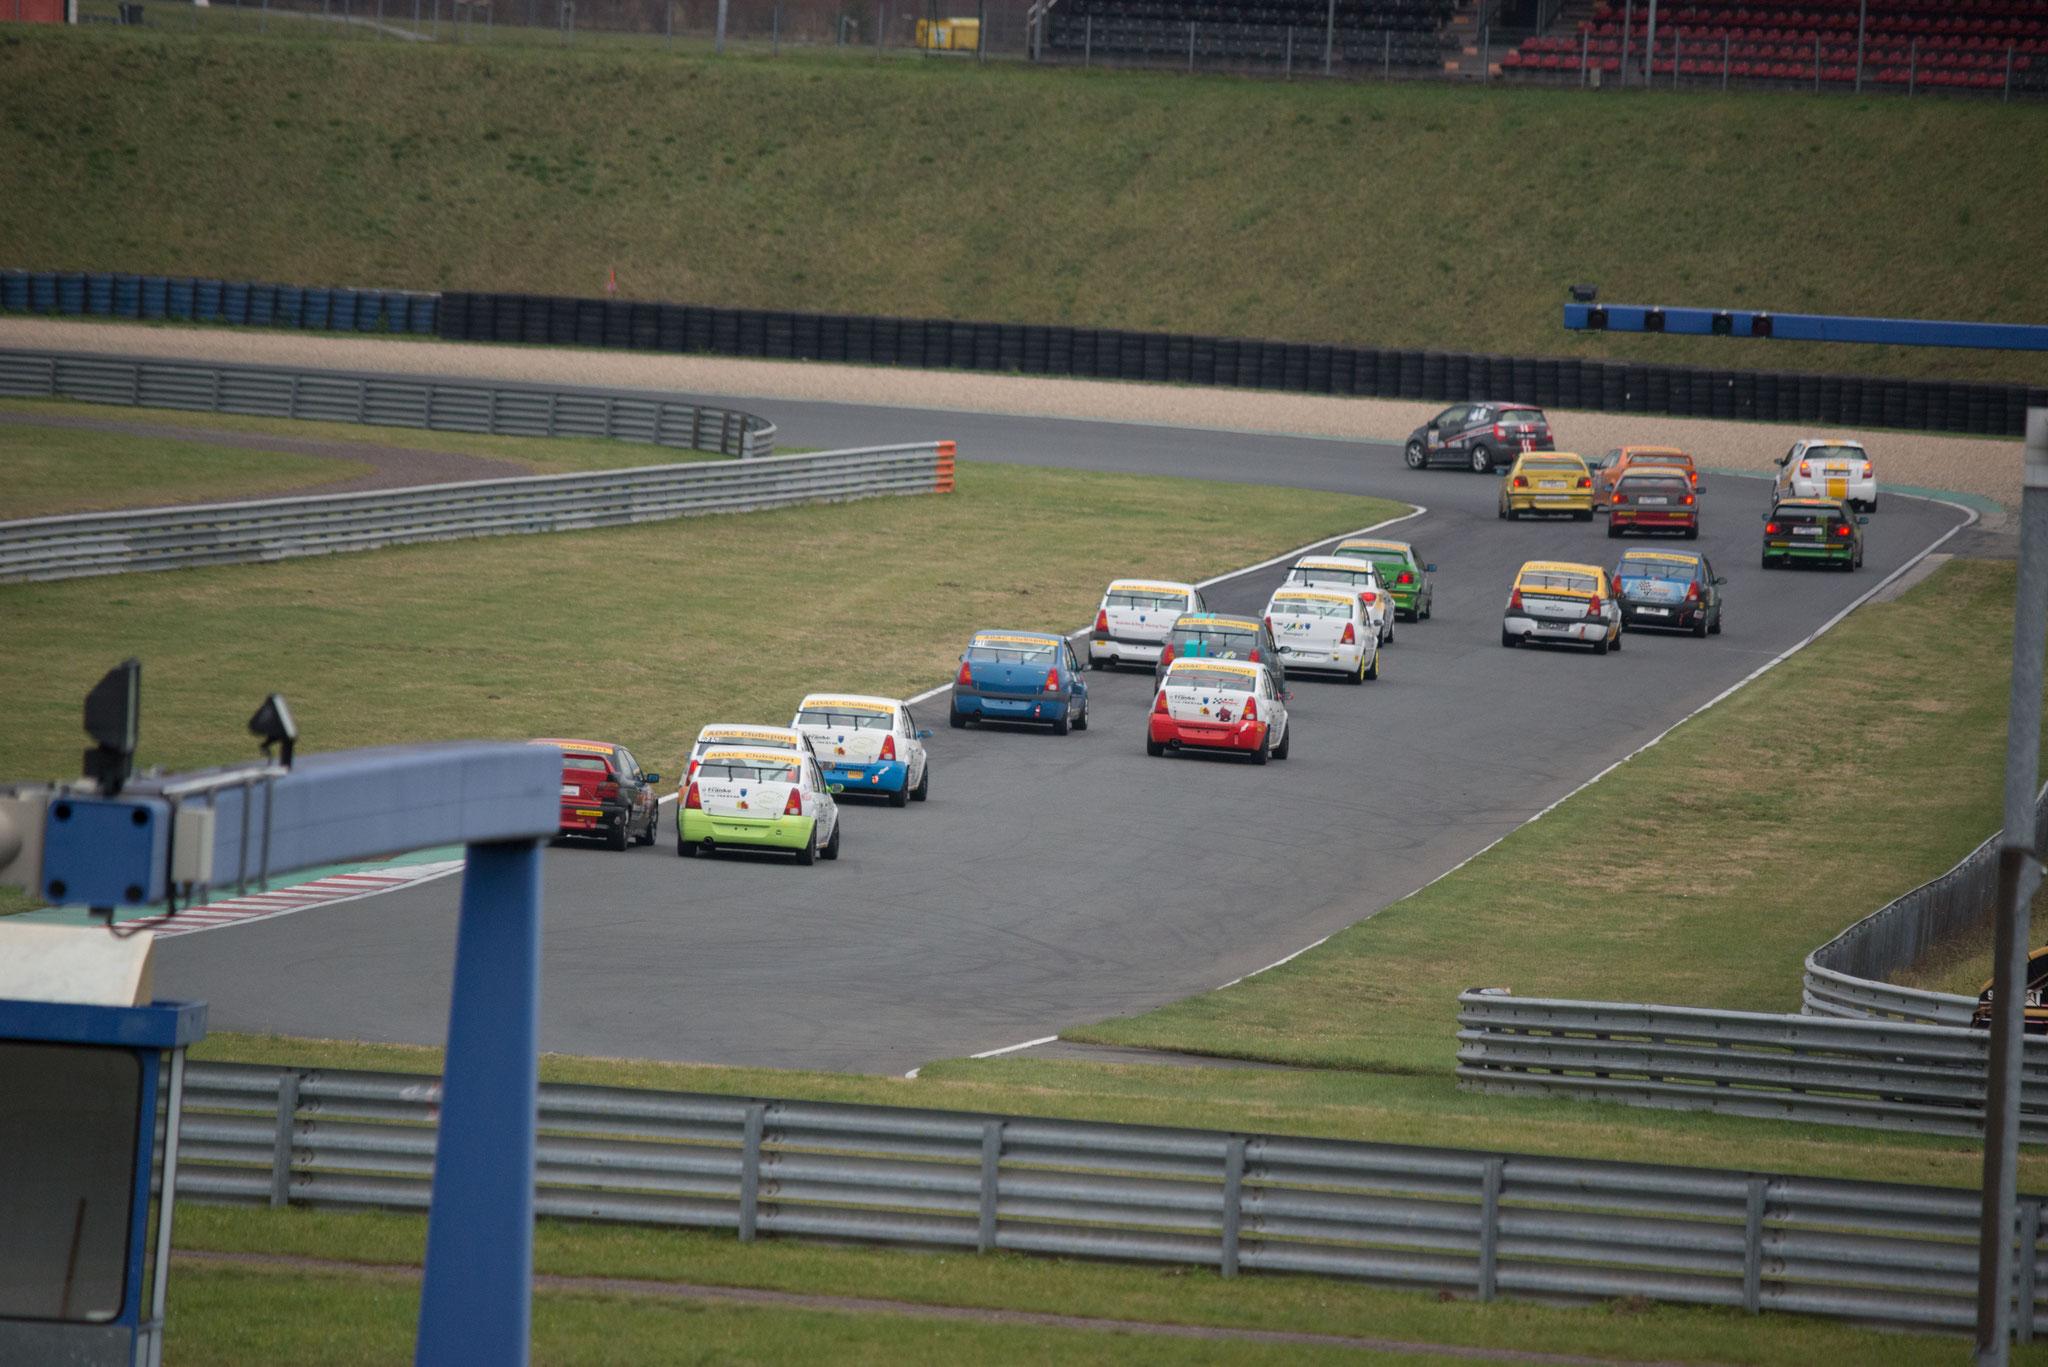 Das Feld ist eng zusammen bei der Einfahrt auf die Hasseröder-Kurve in der Motorsportarena Oschersleben